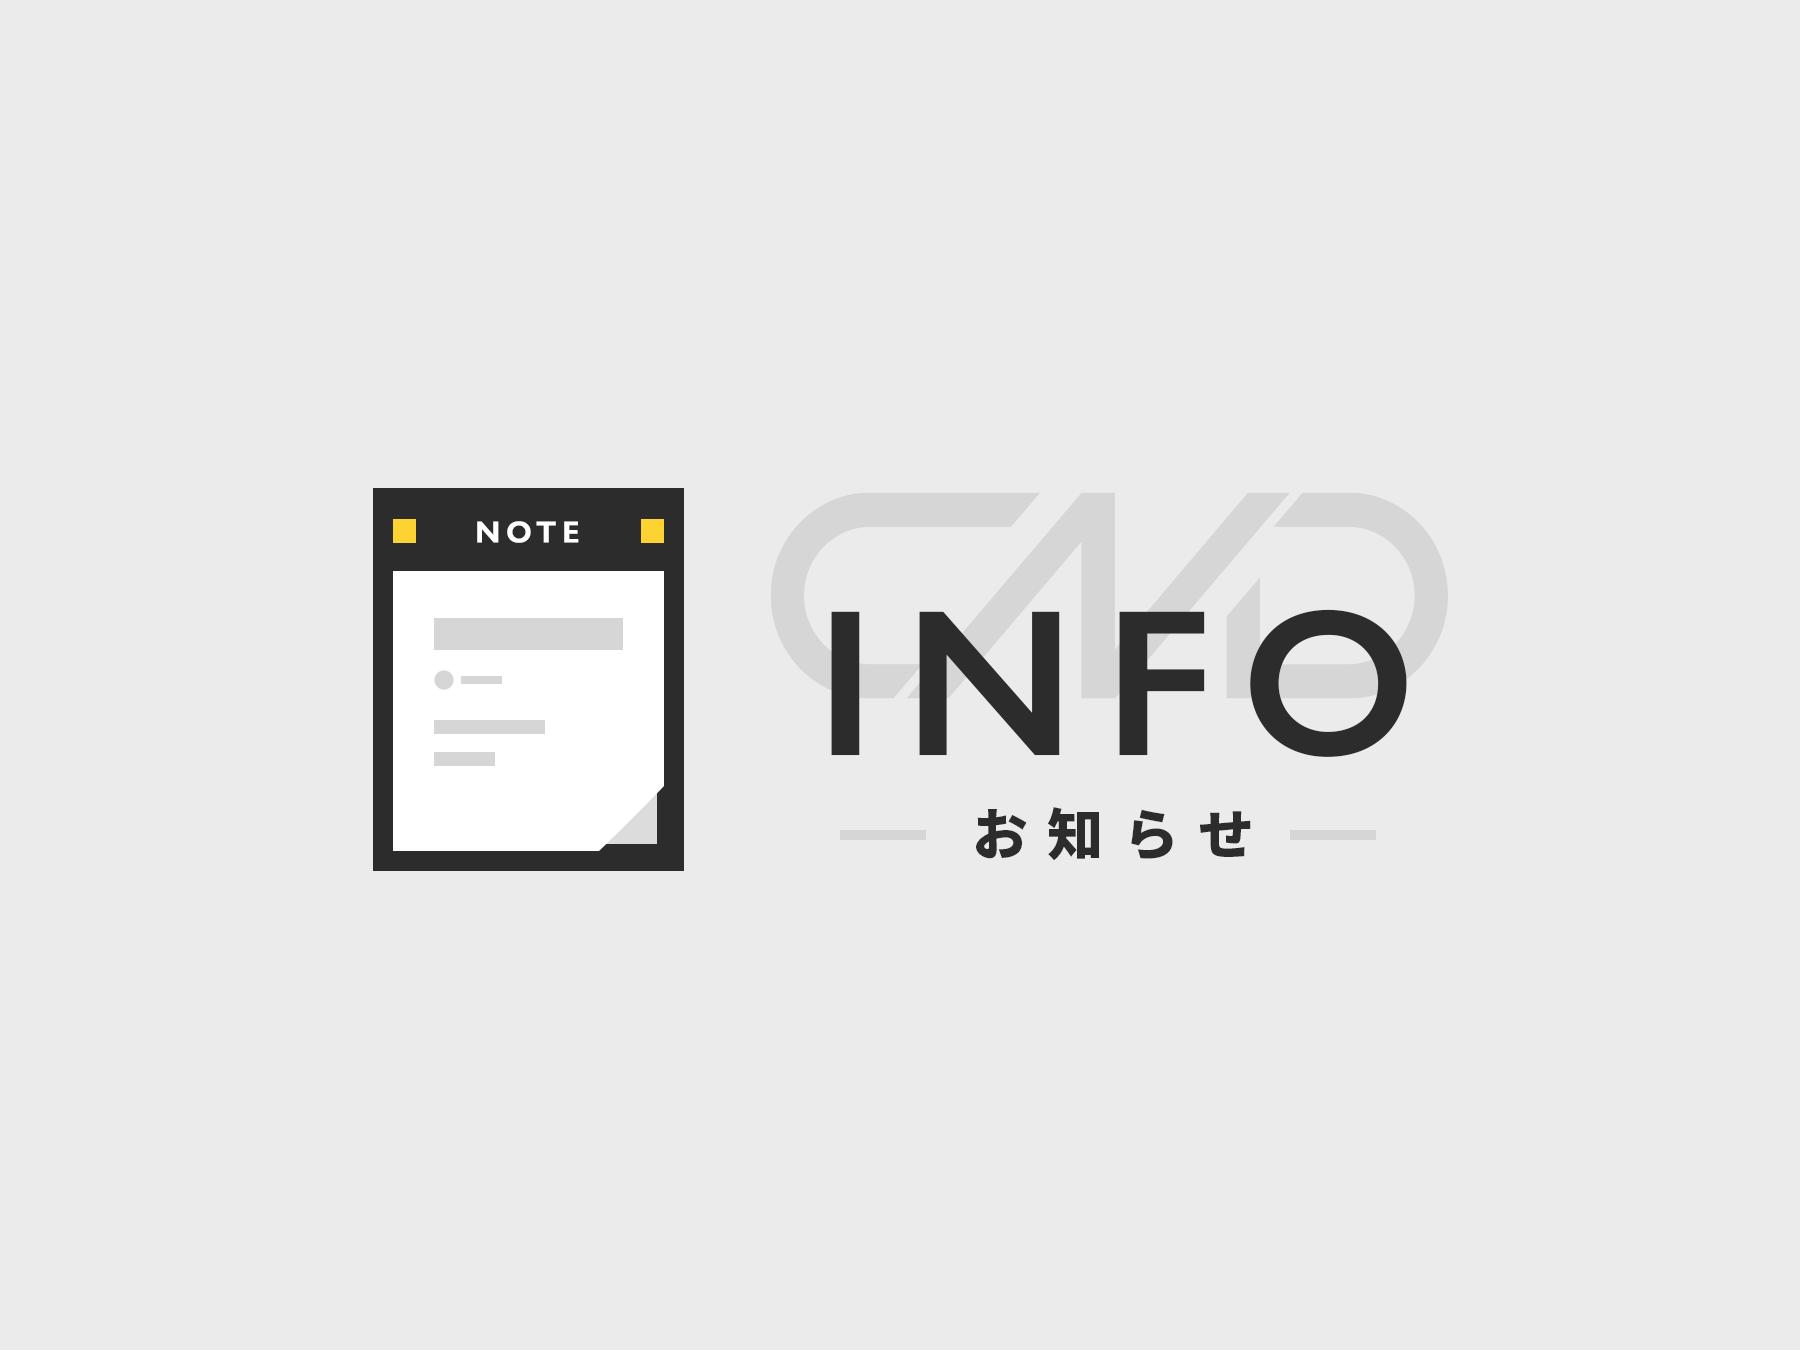 お知らせ:東京支社でWEBディレクターを募集します!